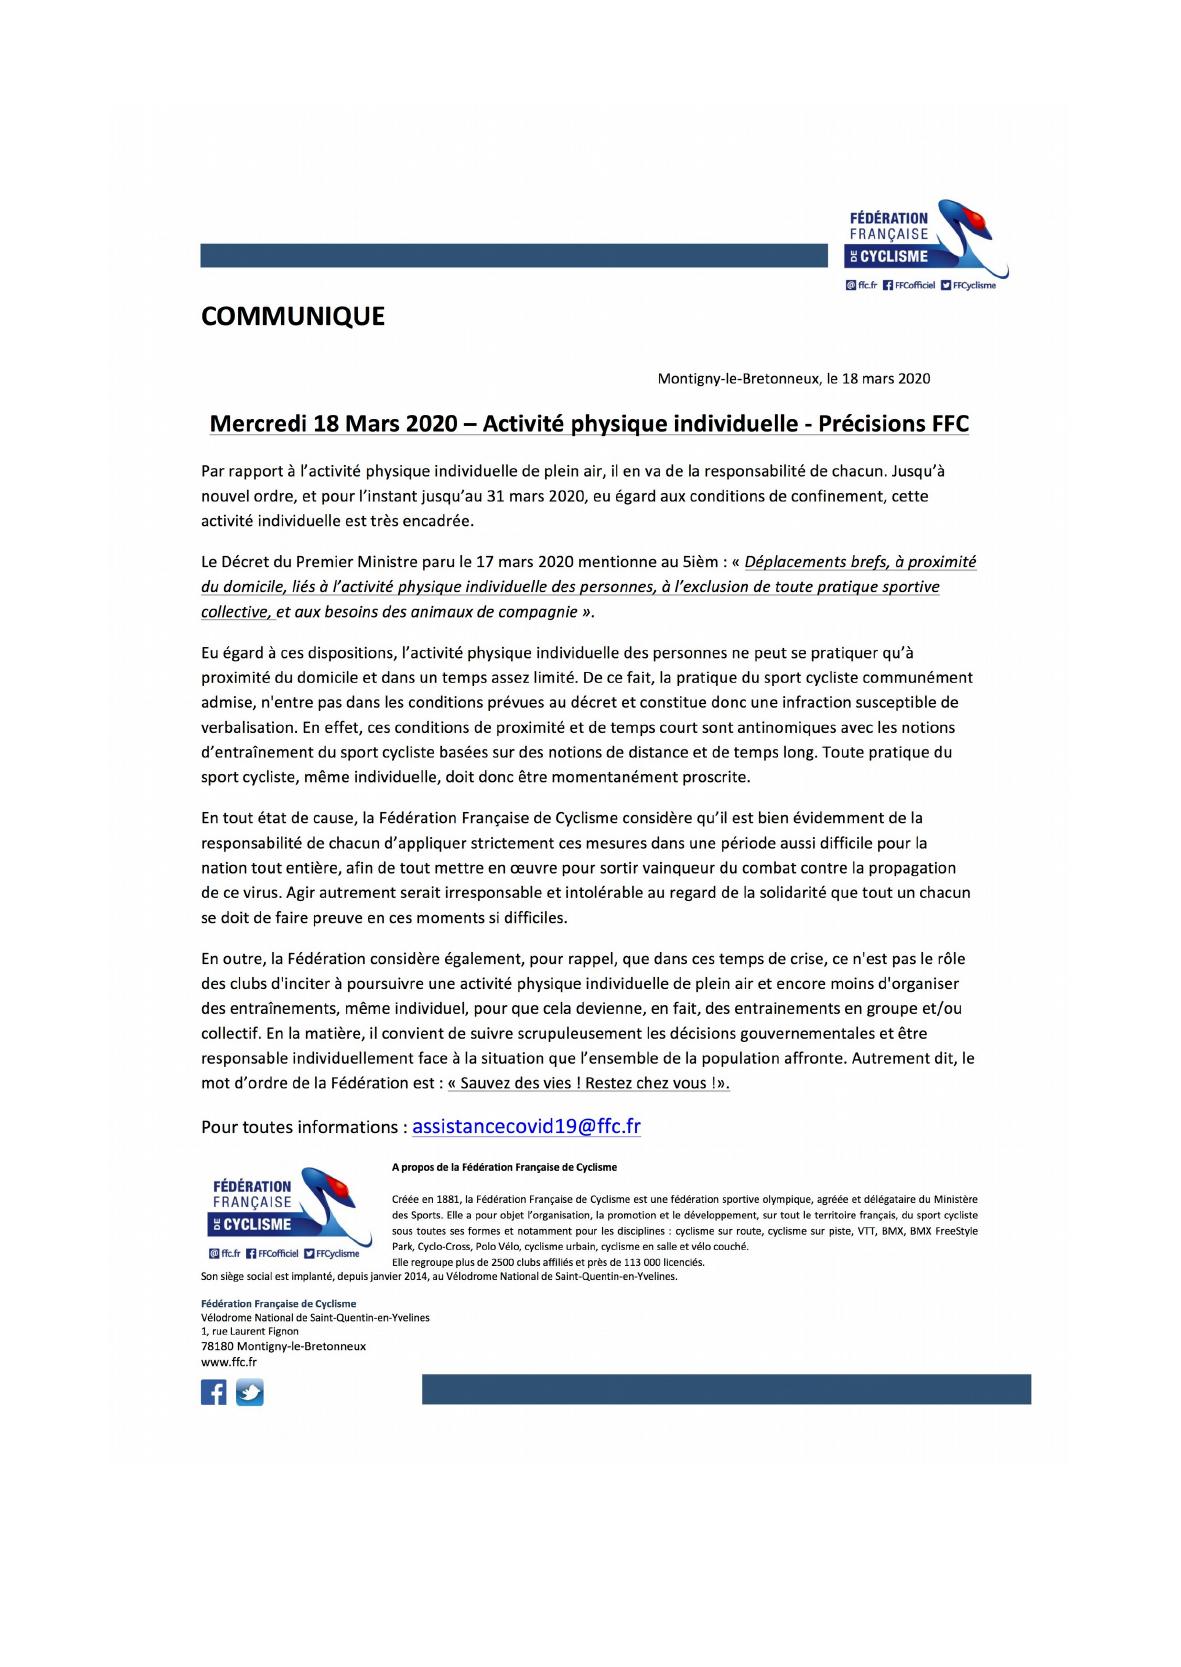 COMMUNIQUE DE PRESSE DE LA FFC.png